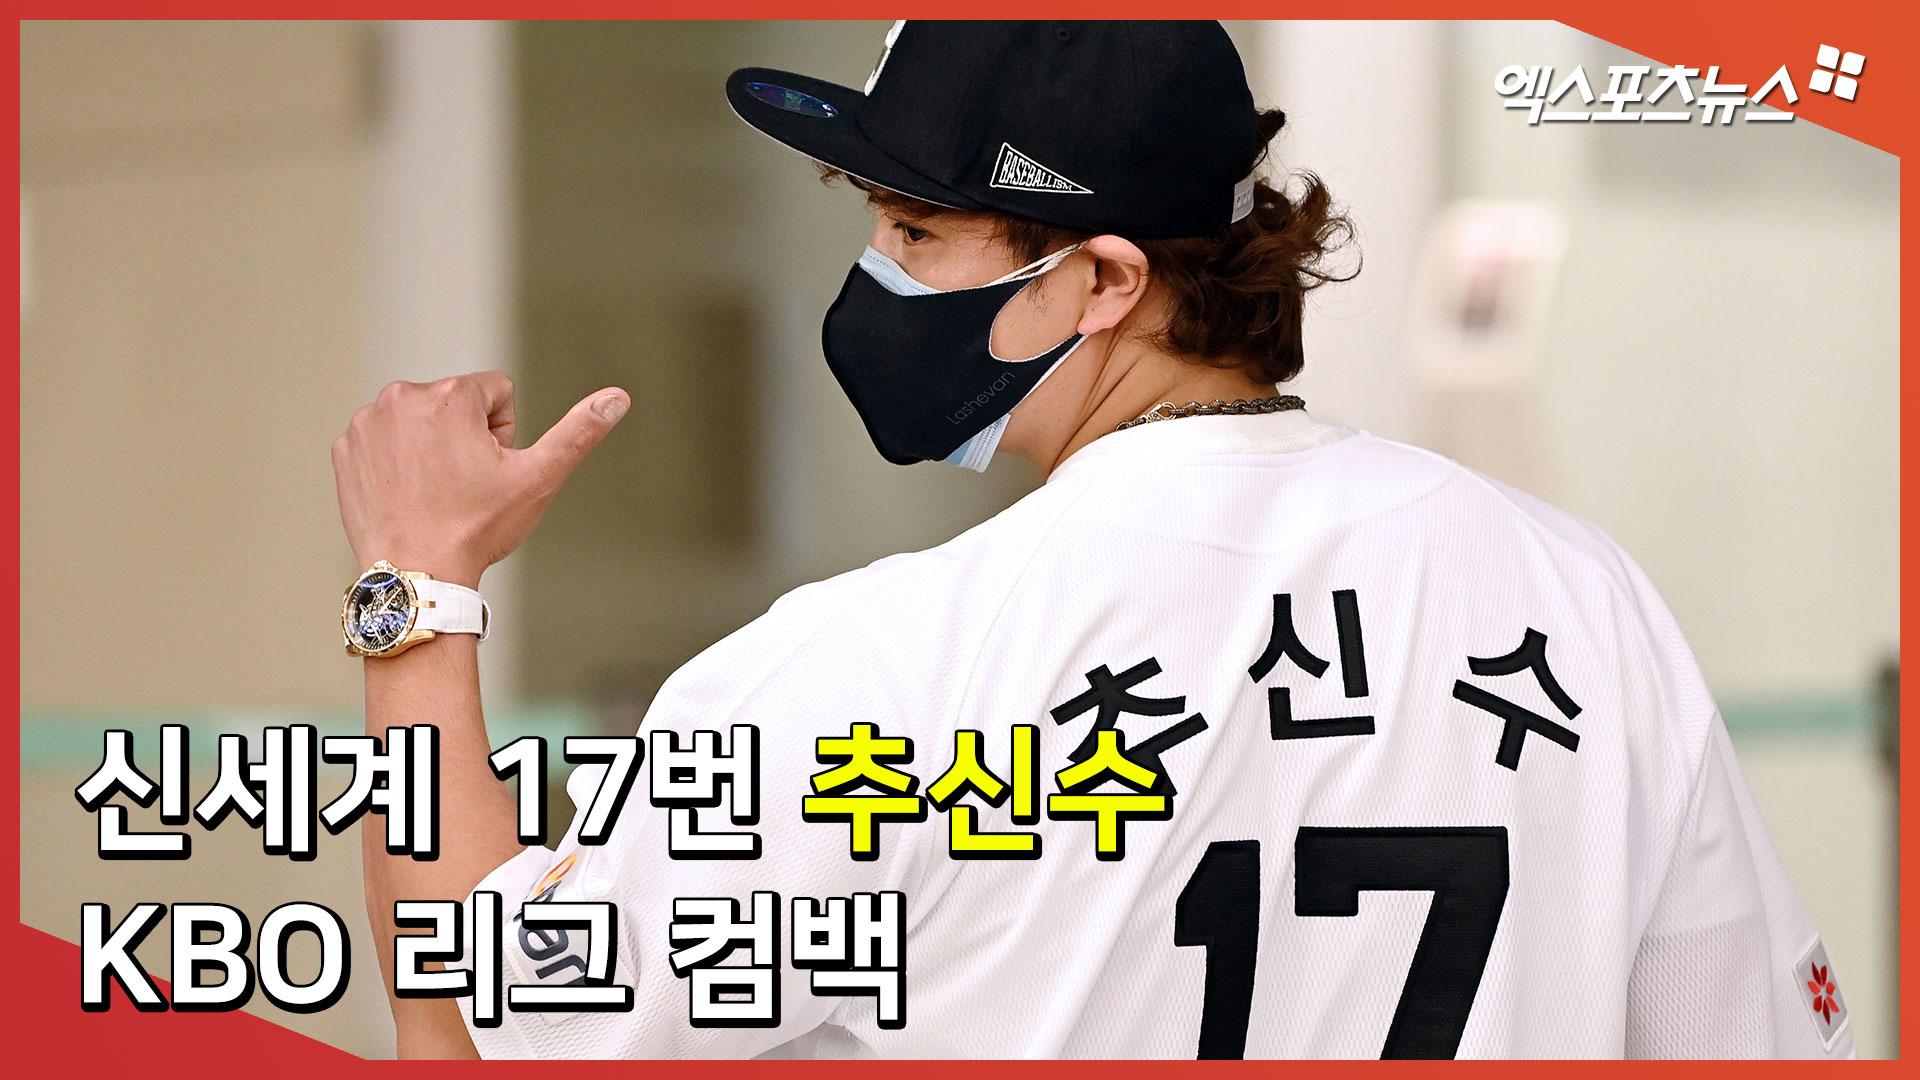 '등번호 17번' 추신수, 신세계 야구단 손잡고 KBO 리그 컴백[엑's 영상]